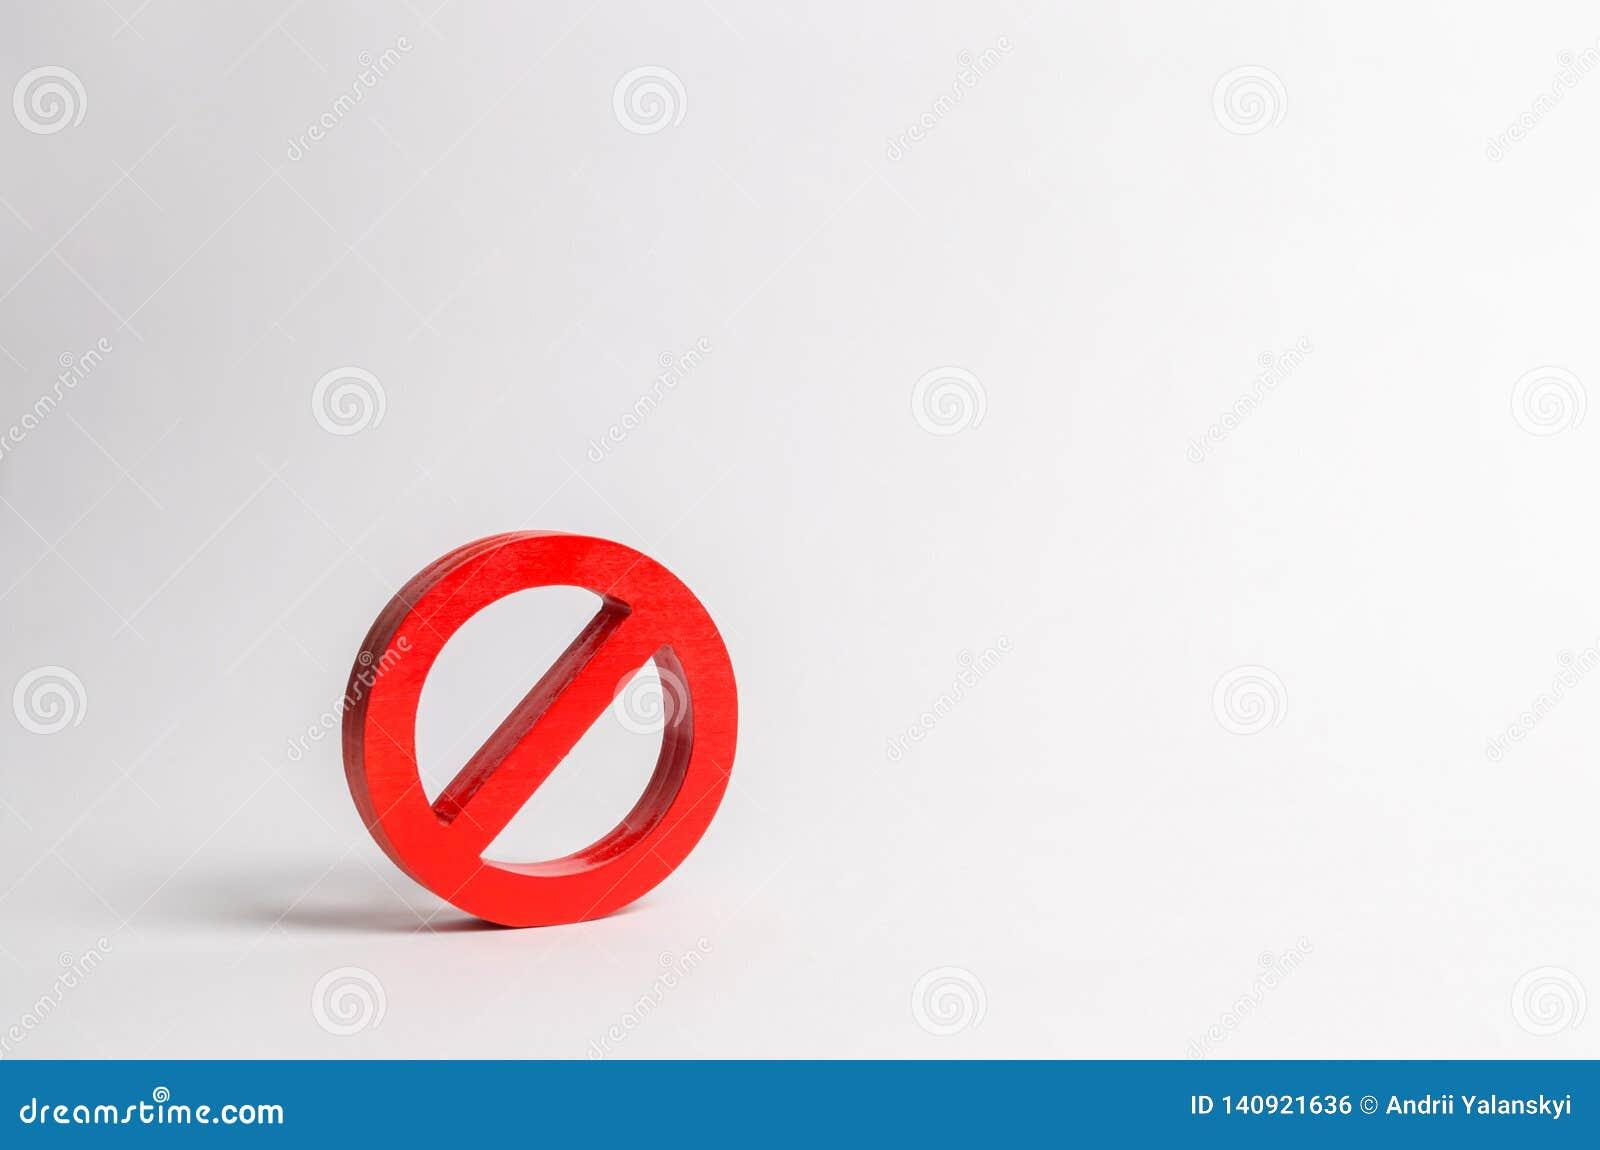 Geen teken of Geen symbool minimalism Het concept verbod en beperking Censuur, controle over Internet